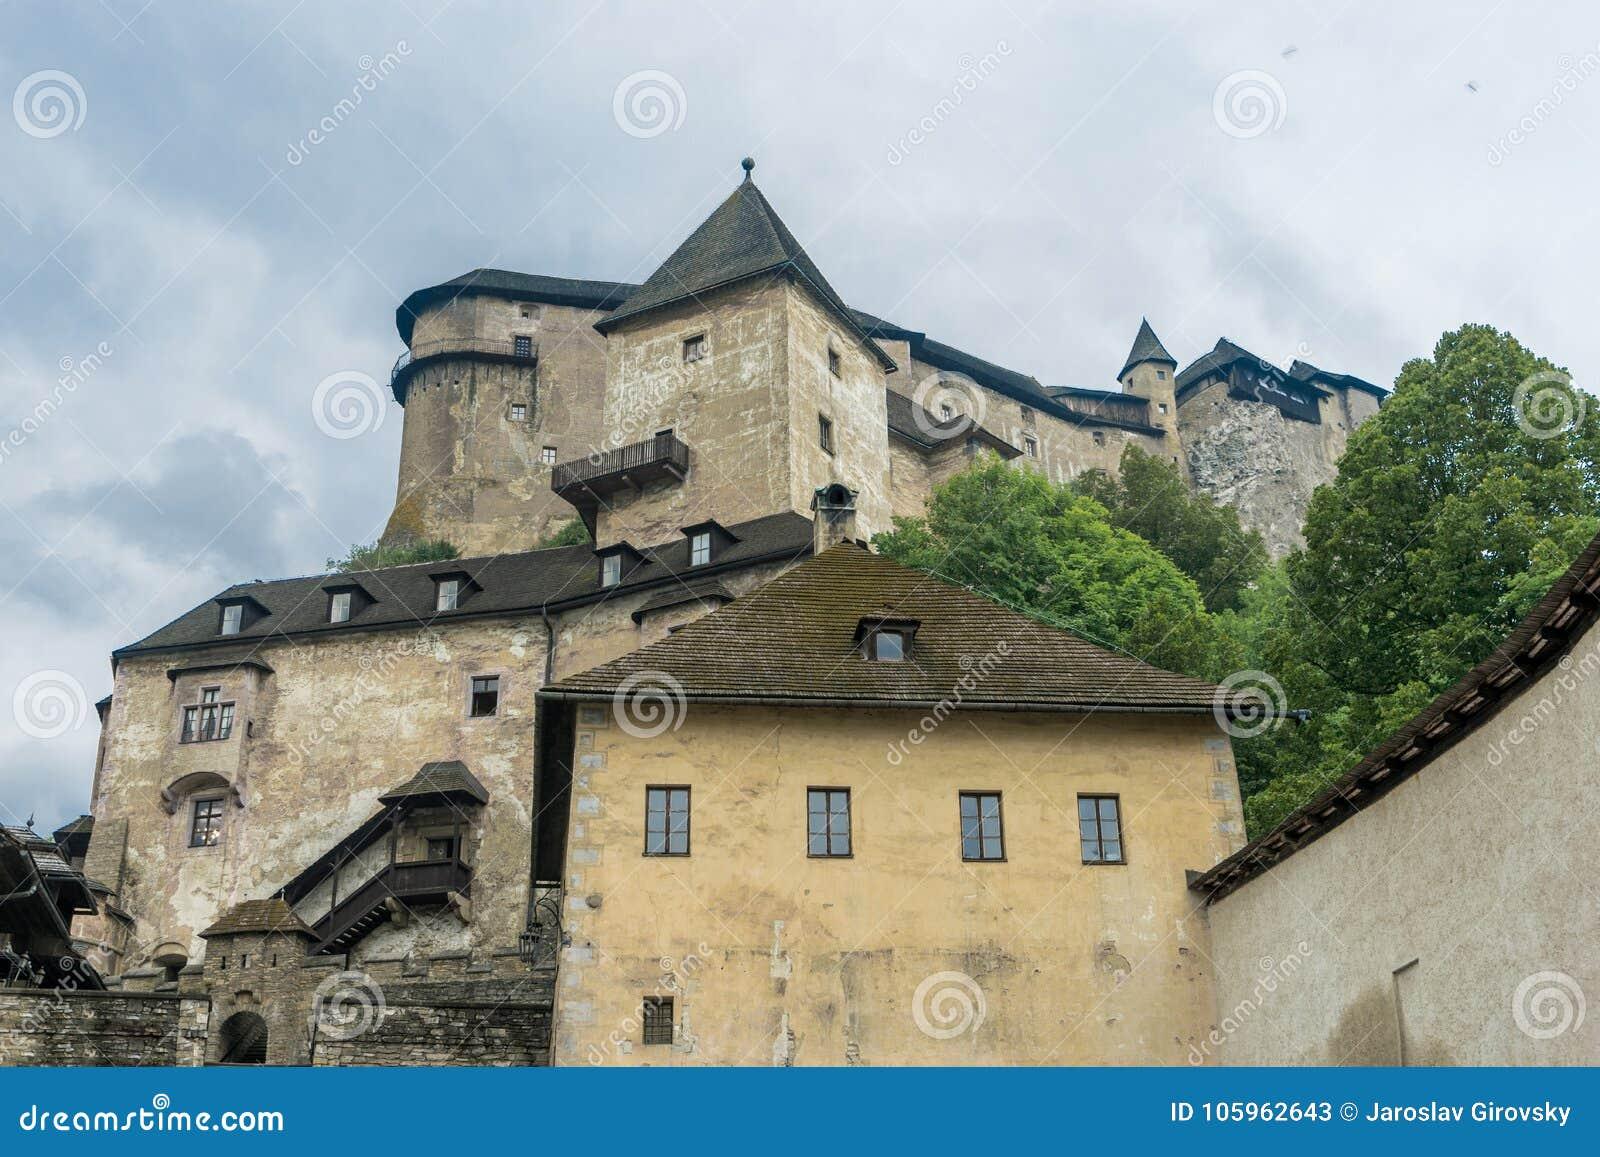 Orava castle whole